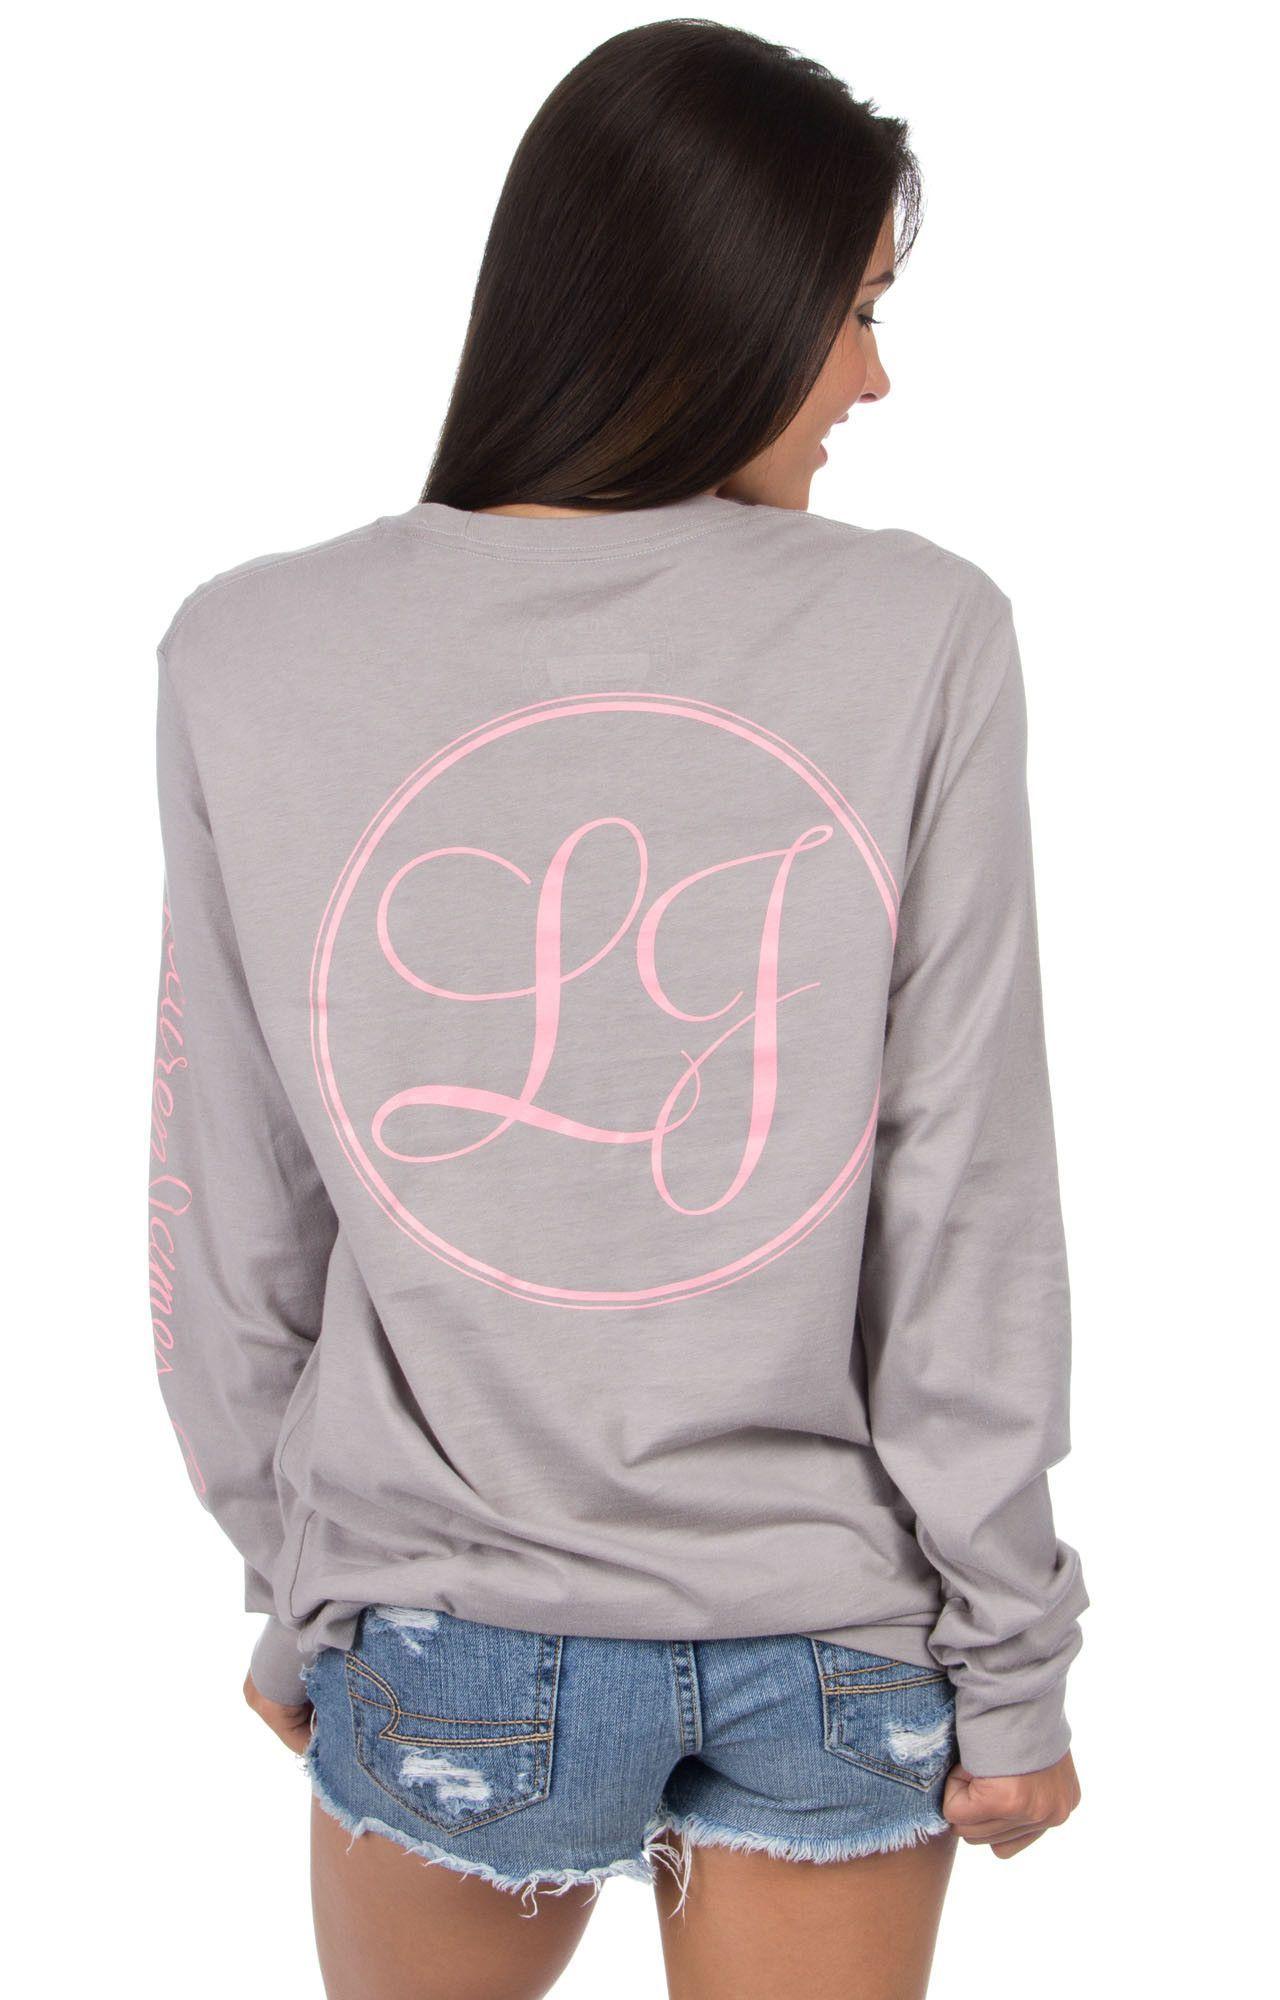 Lauren james signature print long sleeve tee in grey with